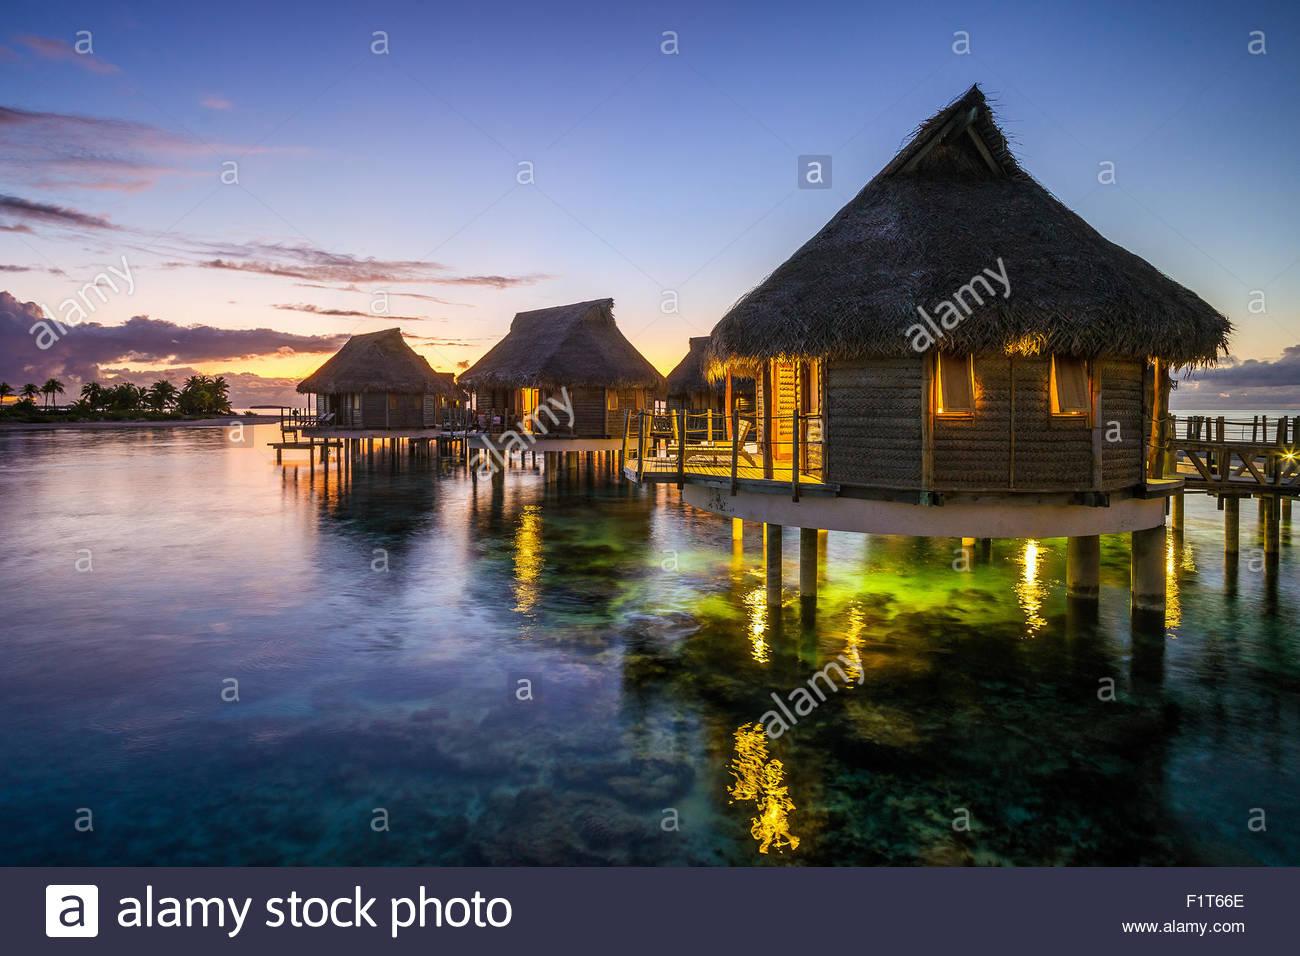 French Polynesia : Tikehau Pearl Beach water bungalows at sunset - Stock Image